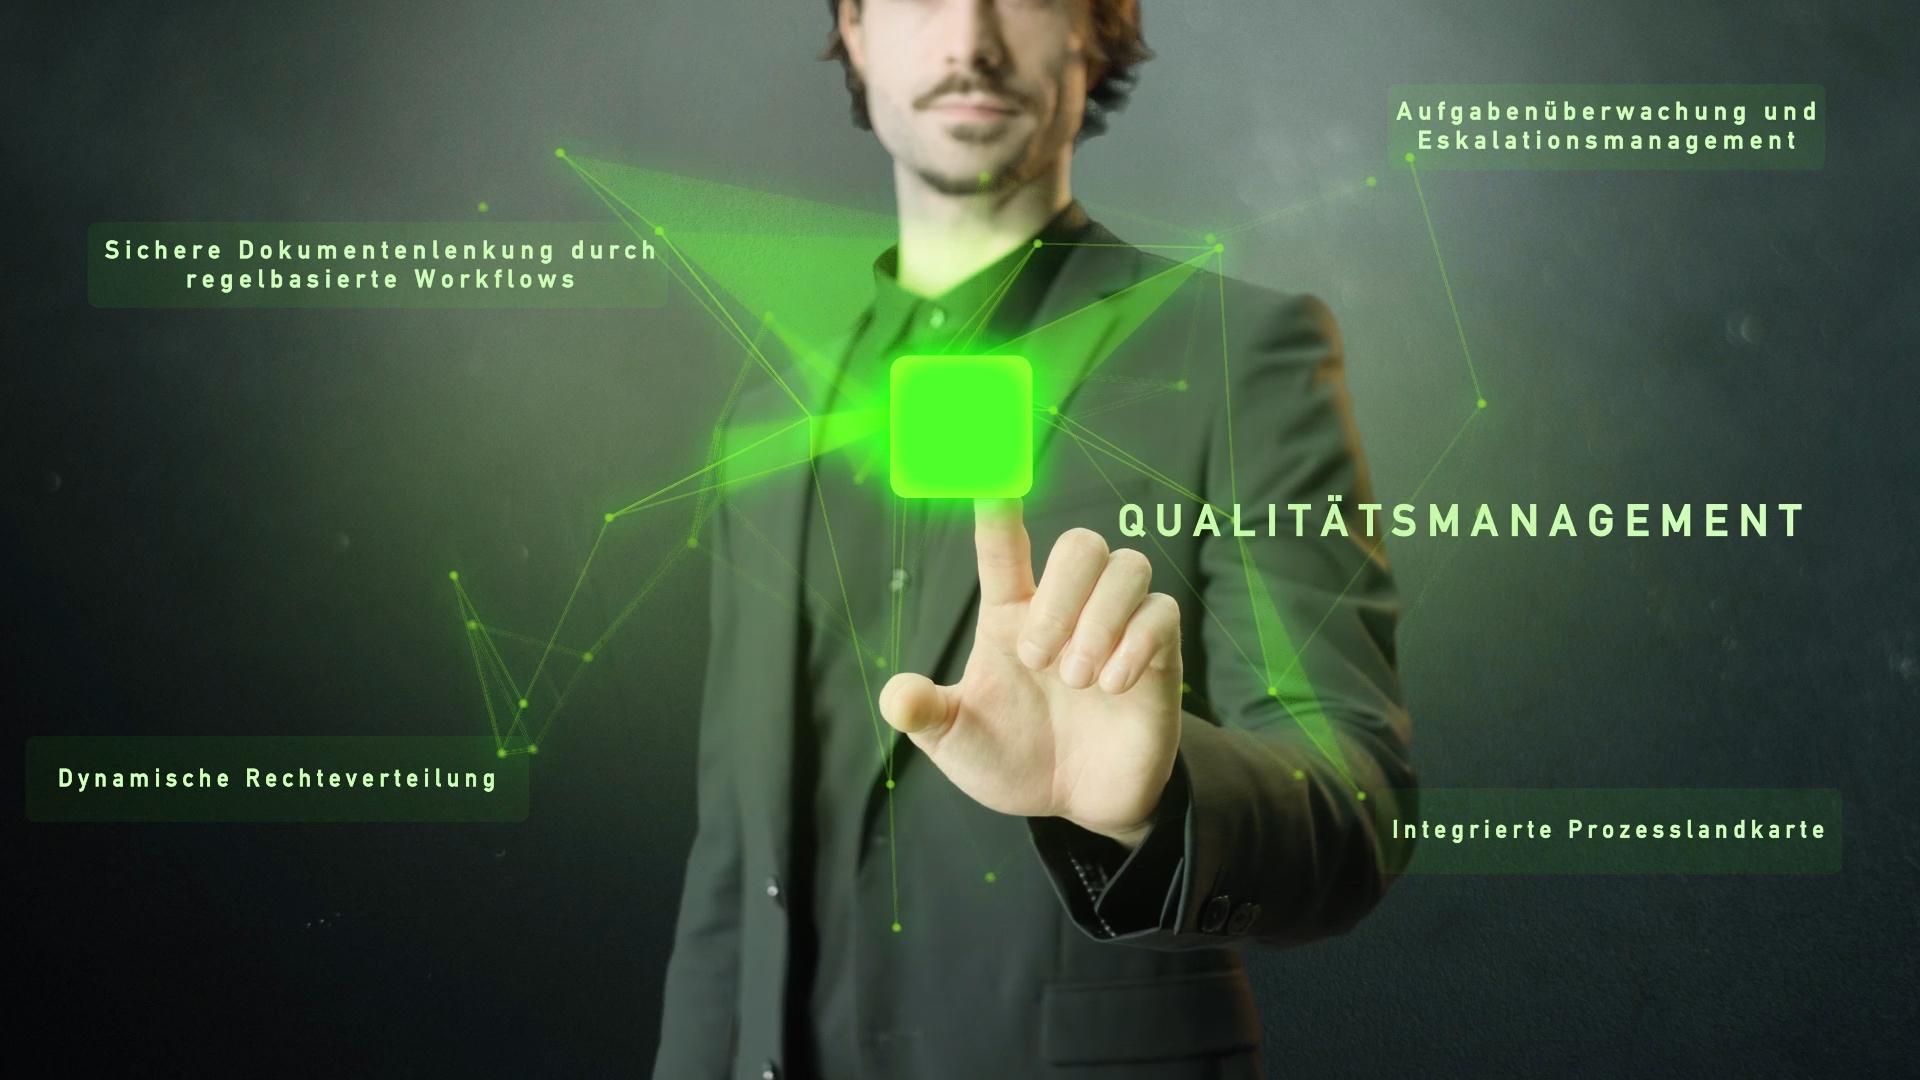 grünes Netzwerk mit Wort Qualitätsmanagement und Mann im Hintergrund